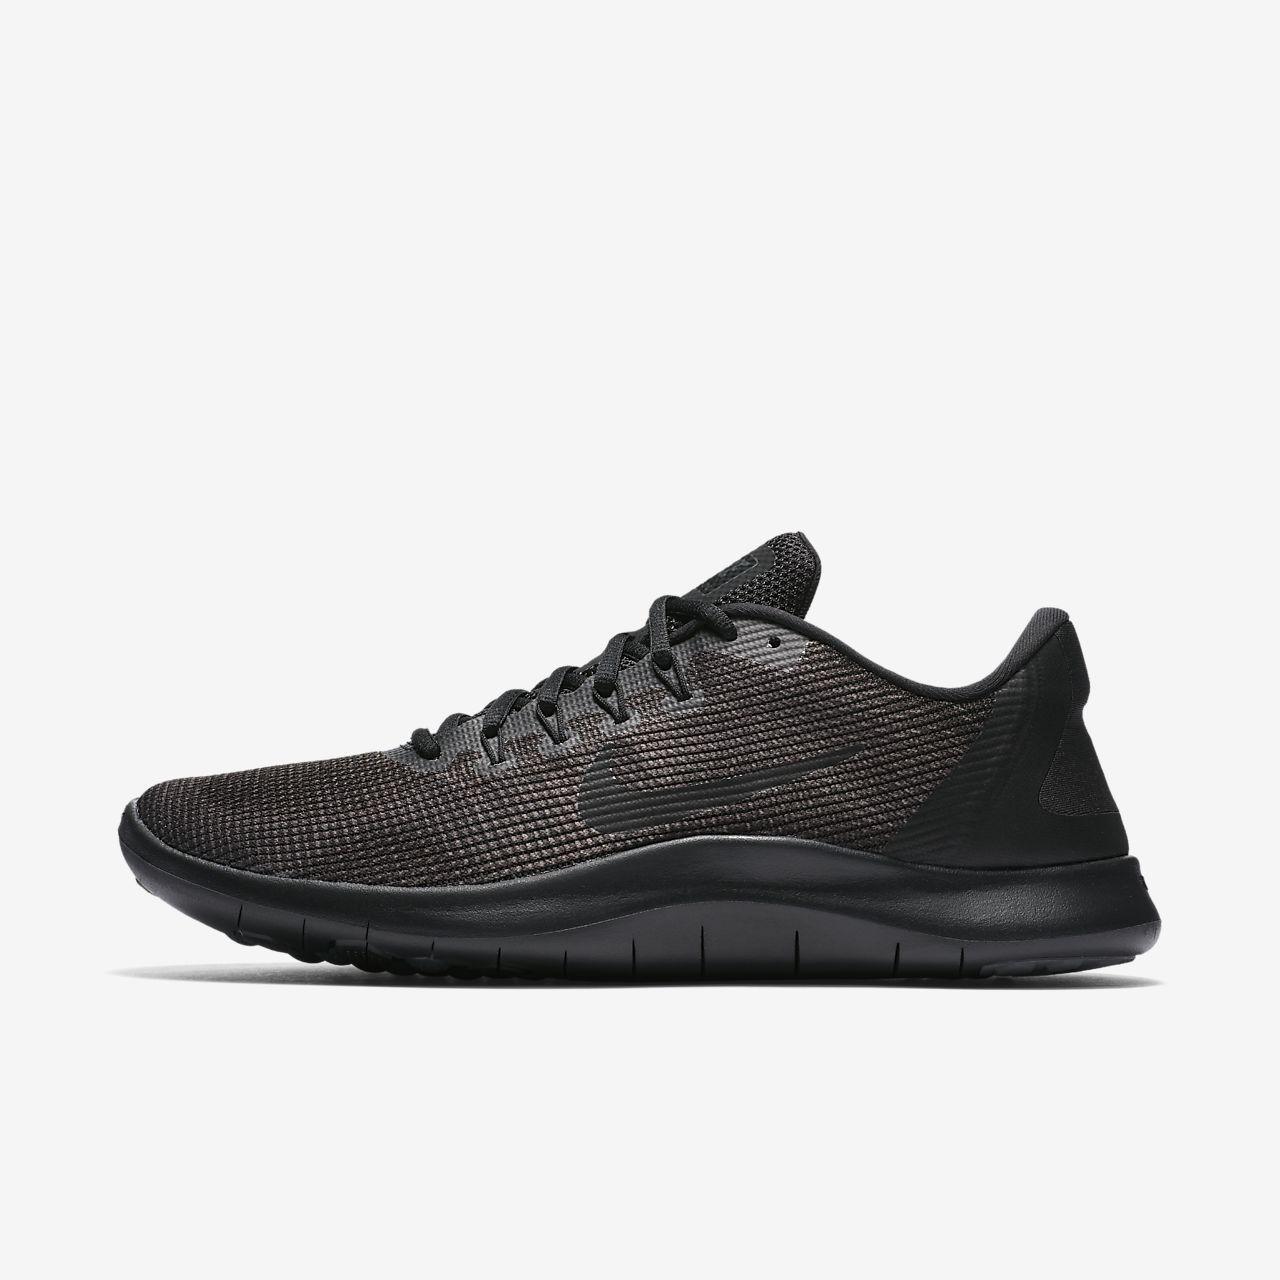 Nike WMNS Free RN 2018, Chaussures de Running Femme - Blanc (Blanc/Noir 100), 40 EU